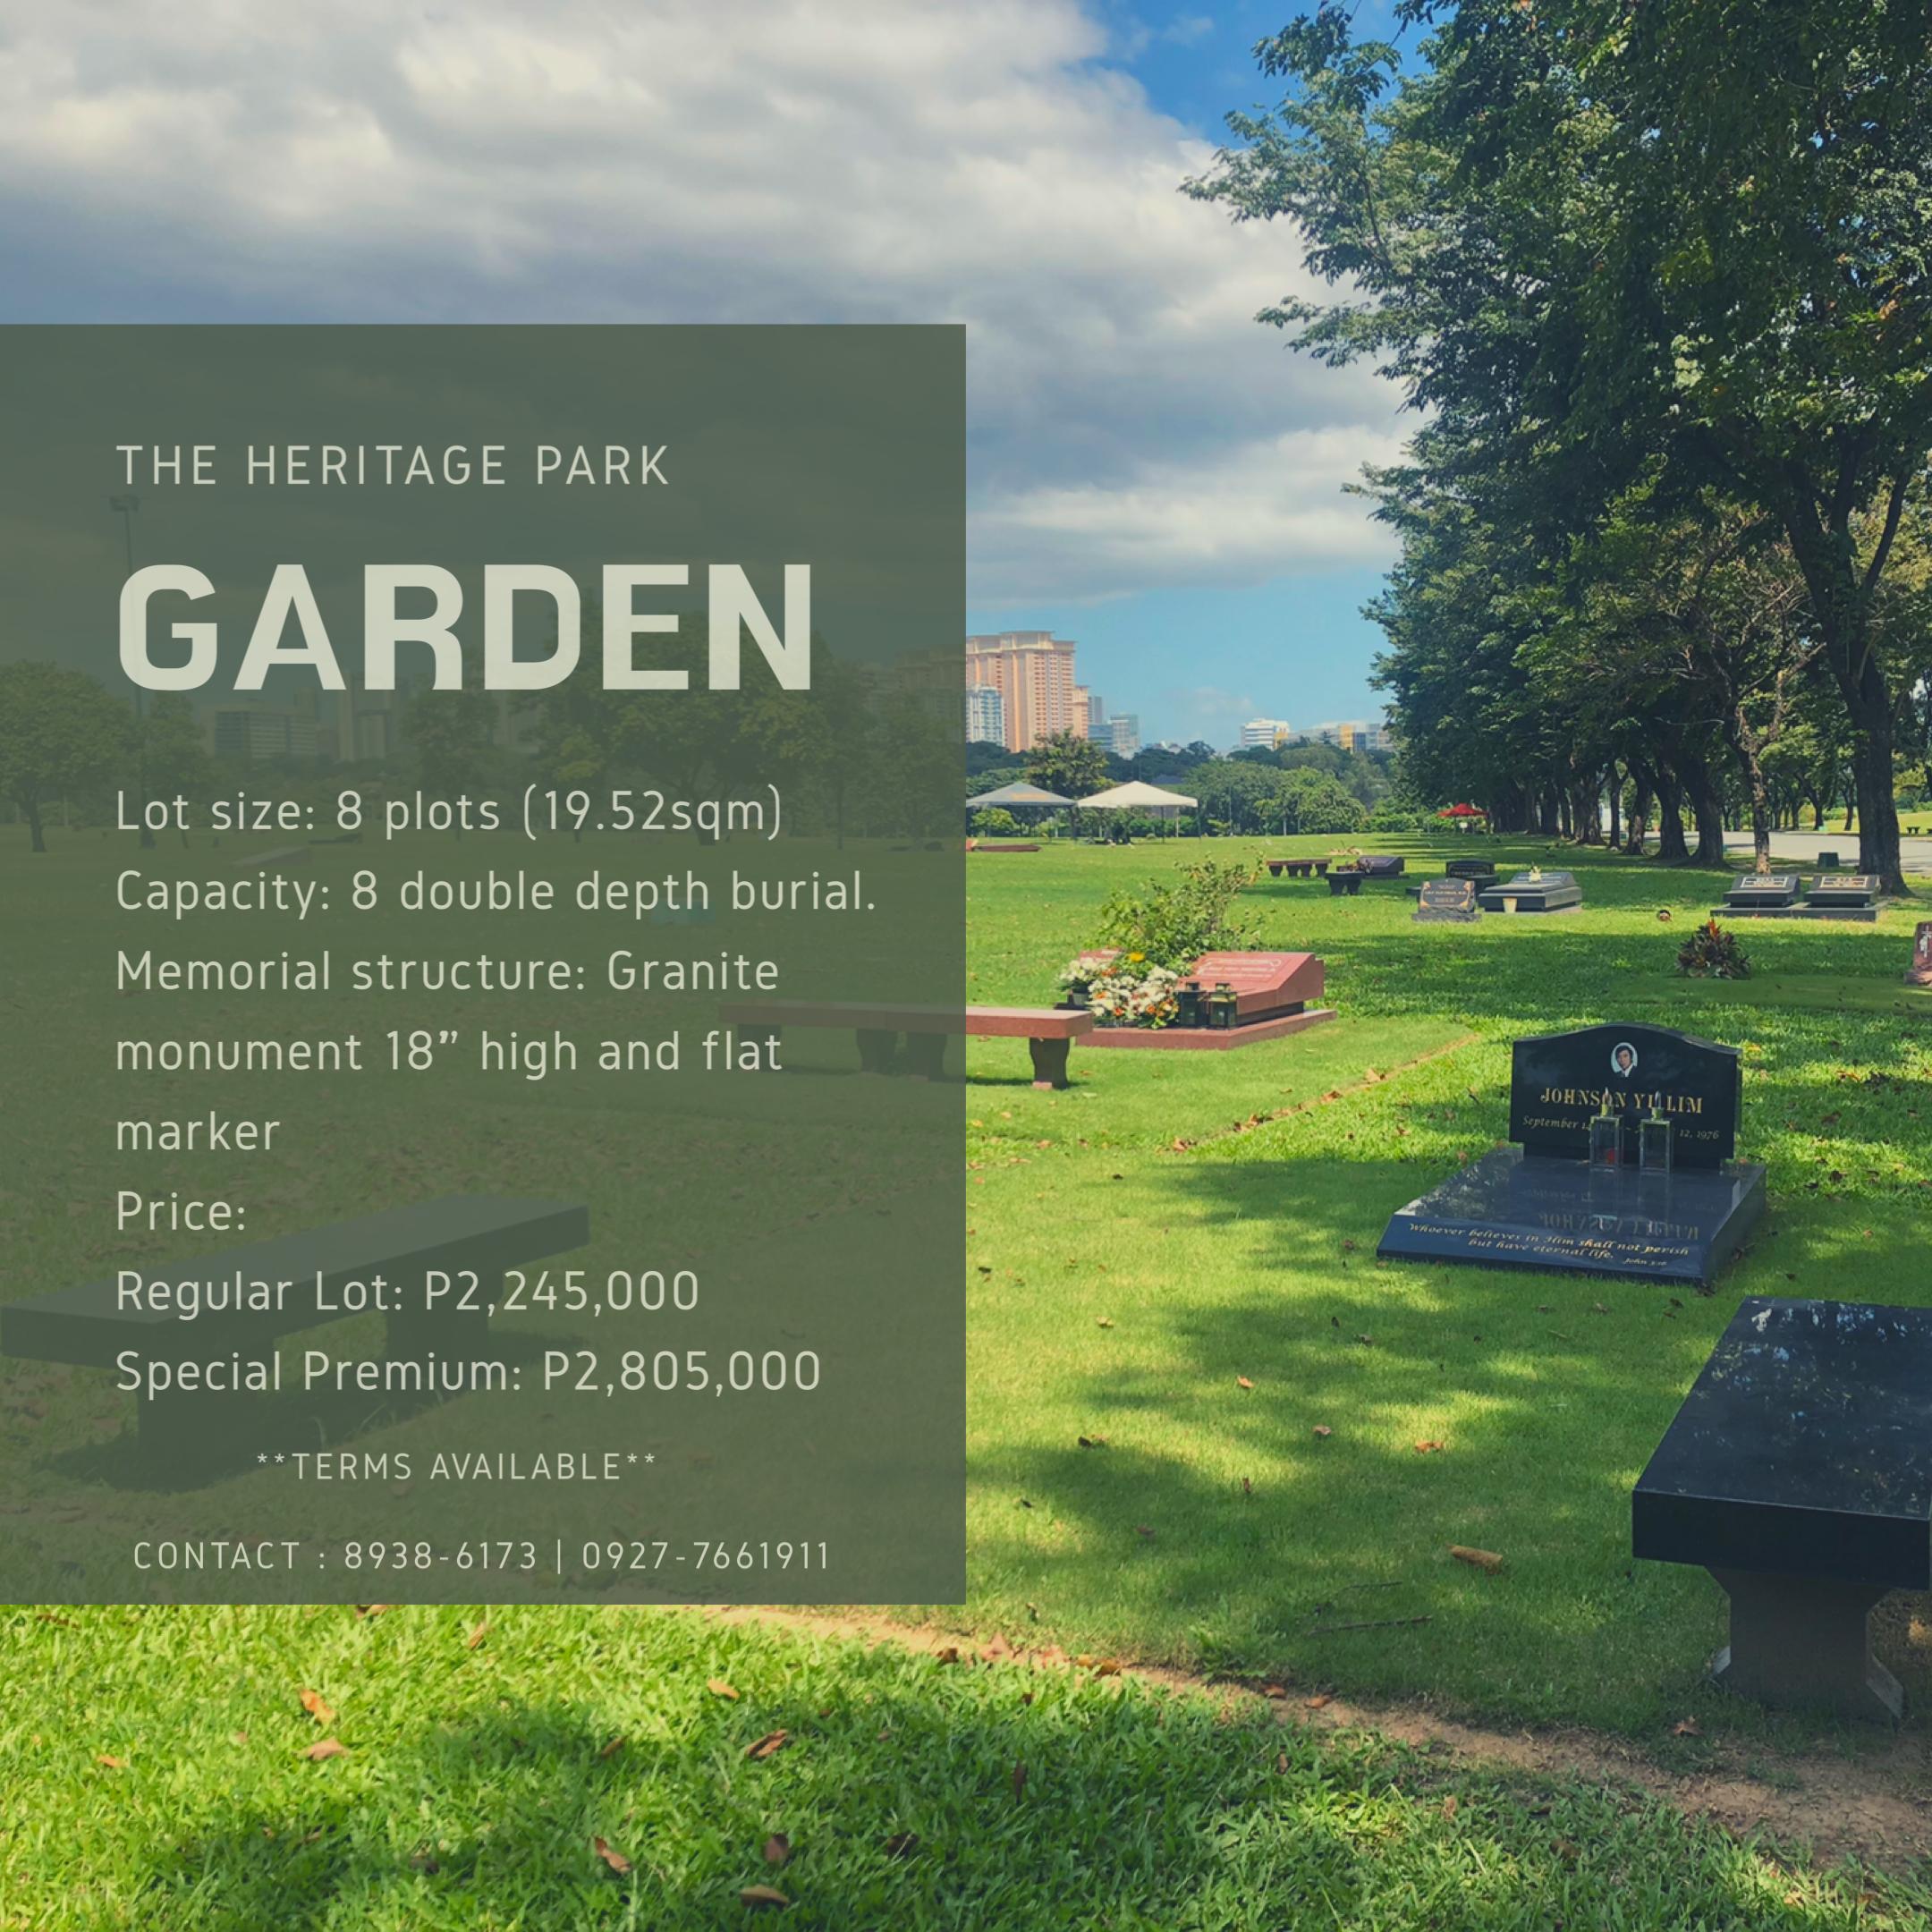 HeritagePark_GardenLot.png